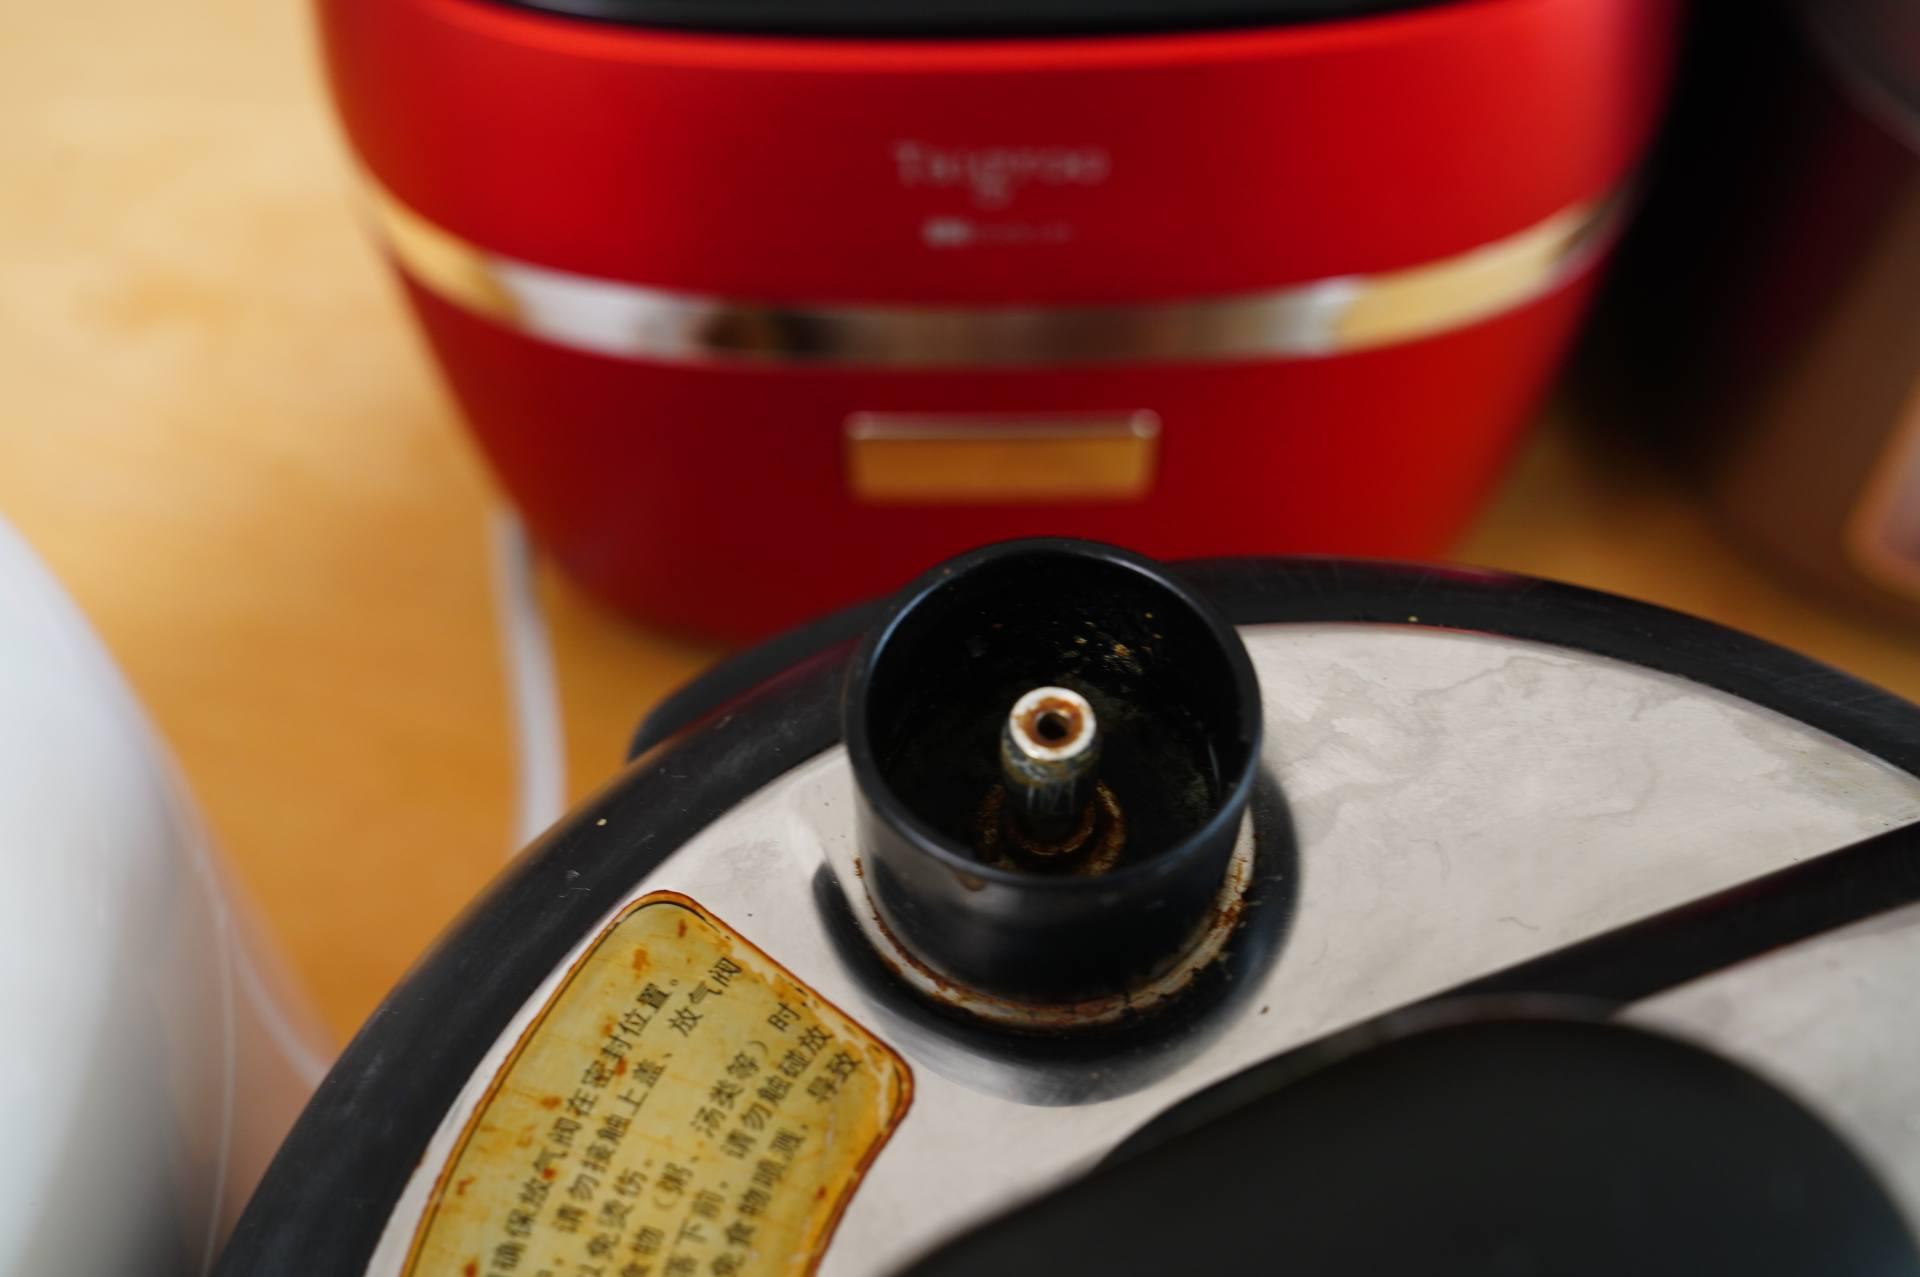 老牌还是新派,电压力锅这样挑才能不吃灰